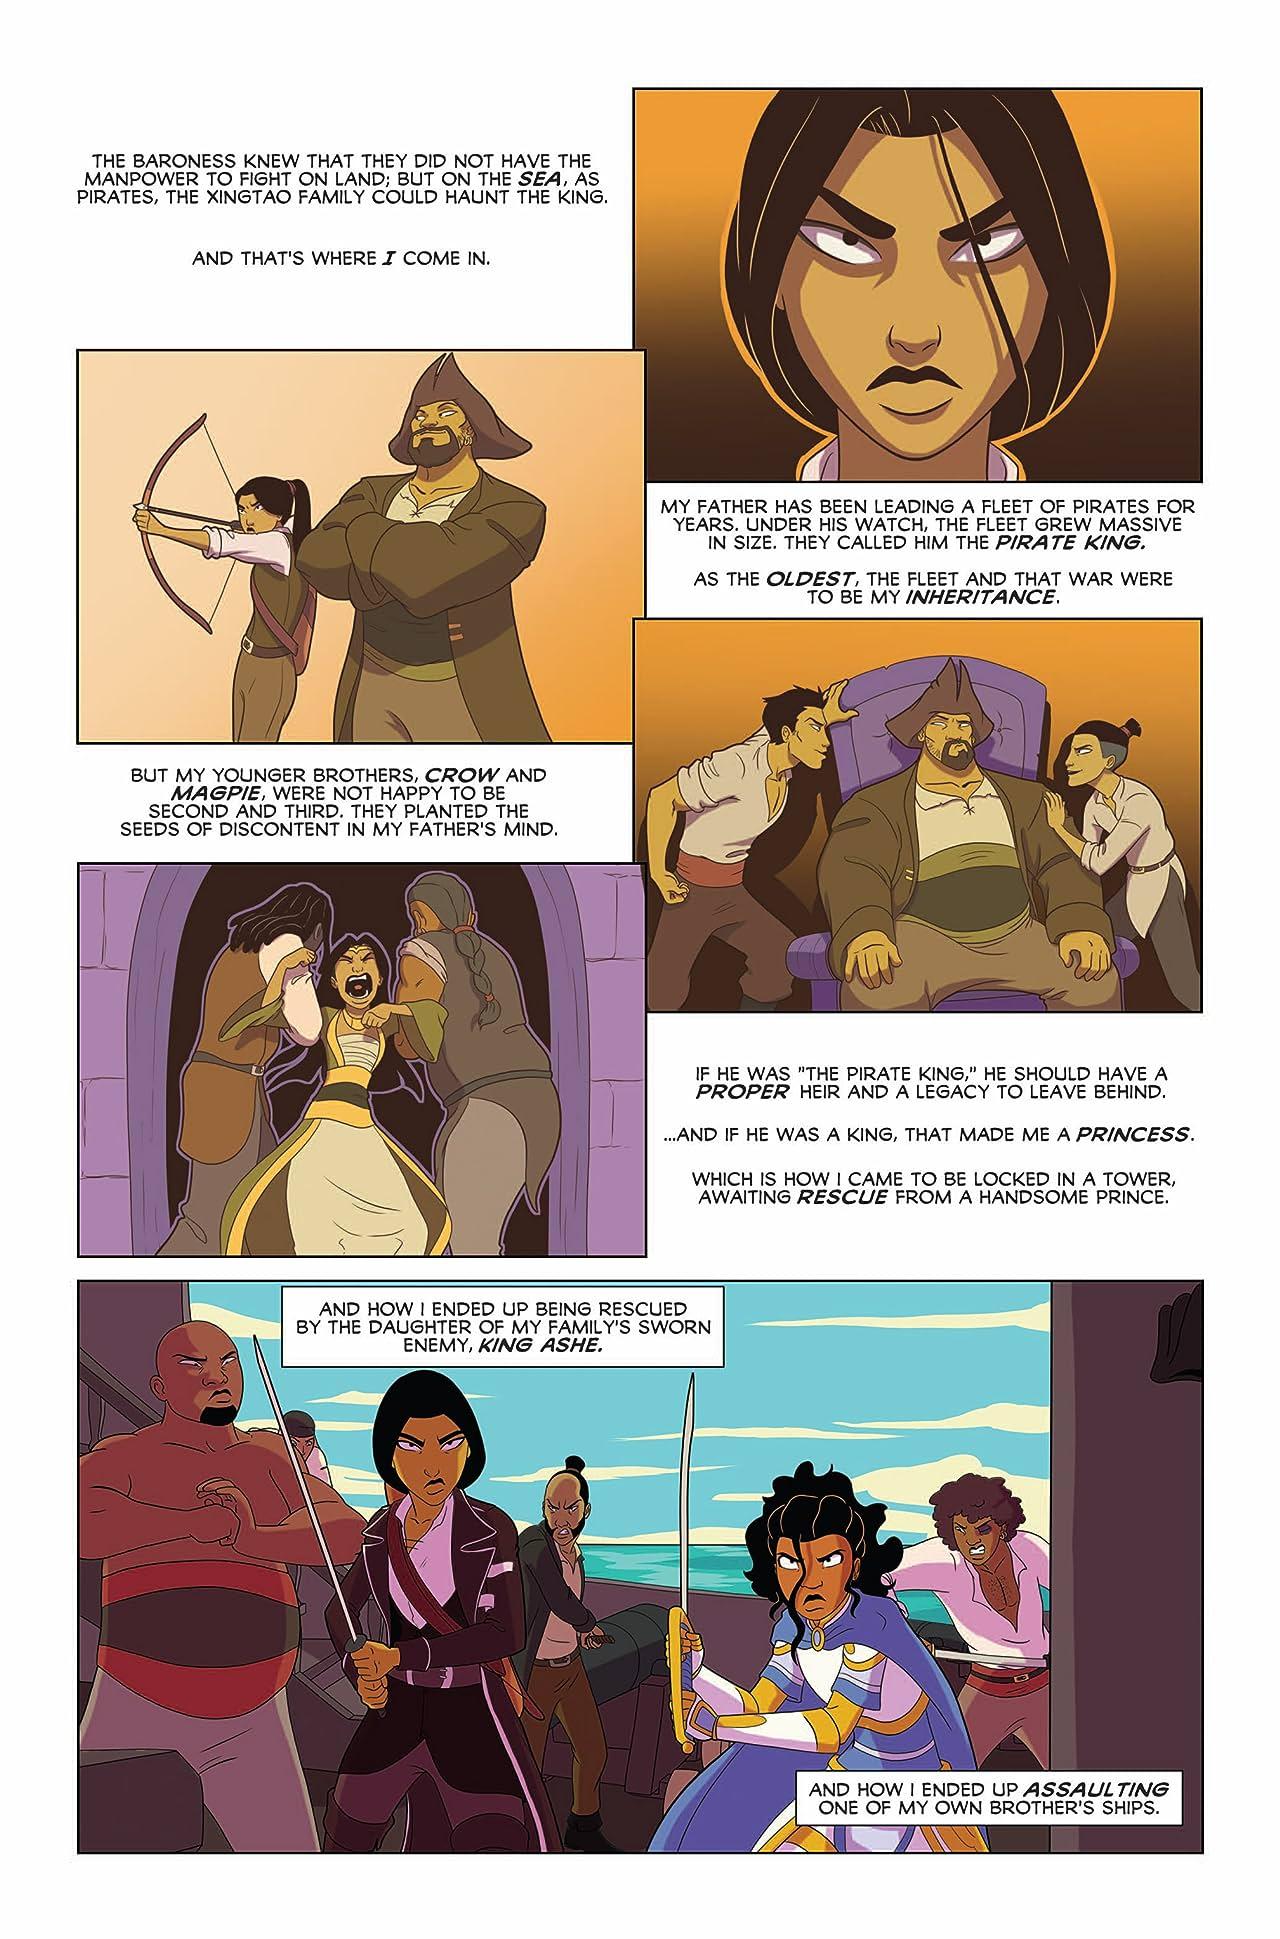 Princeless: The Pirate Princess #4